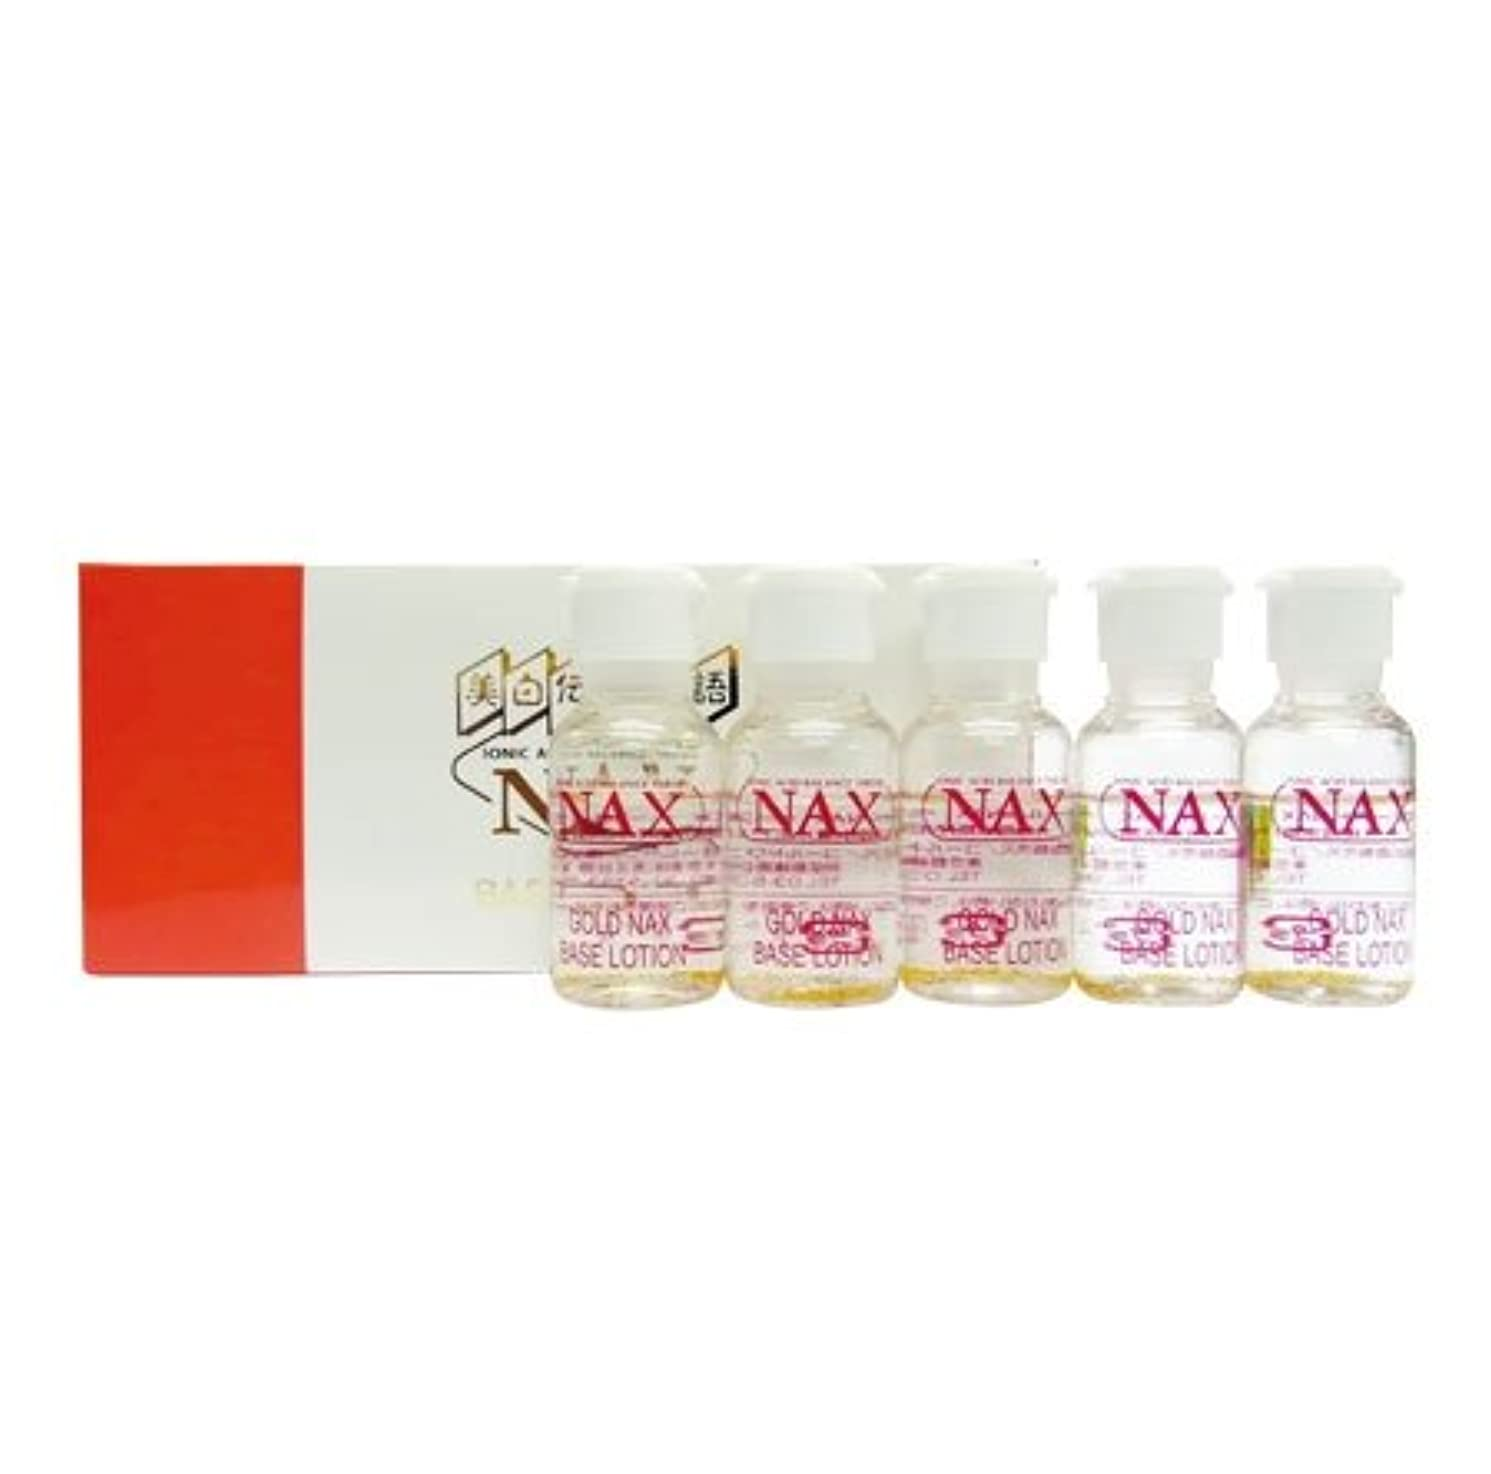 カウンターパート太平洋諸島無駄なゴールドコスメ NAX ベースローション 化粧水 超敏感肌用 12.5ml×5本